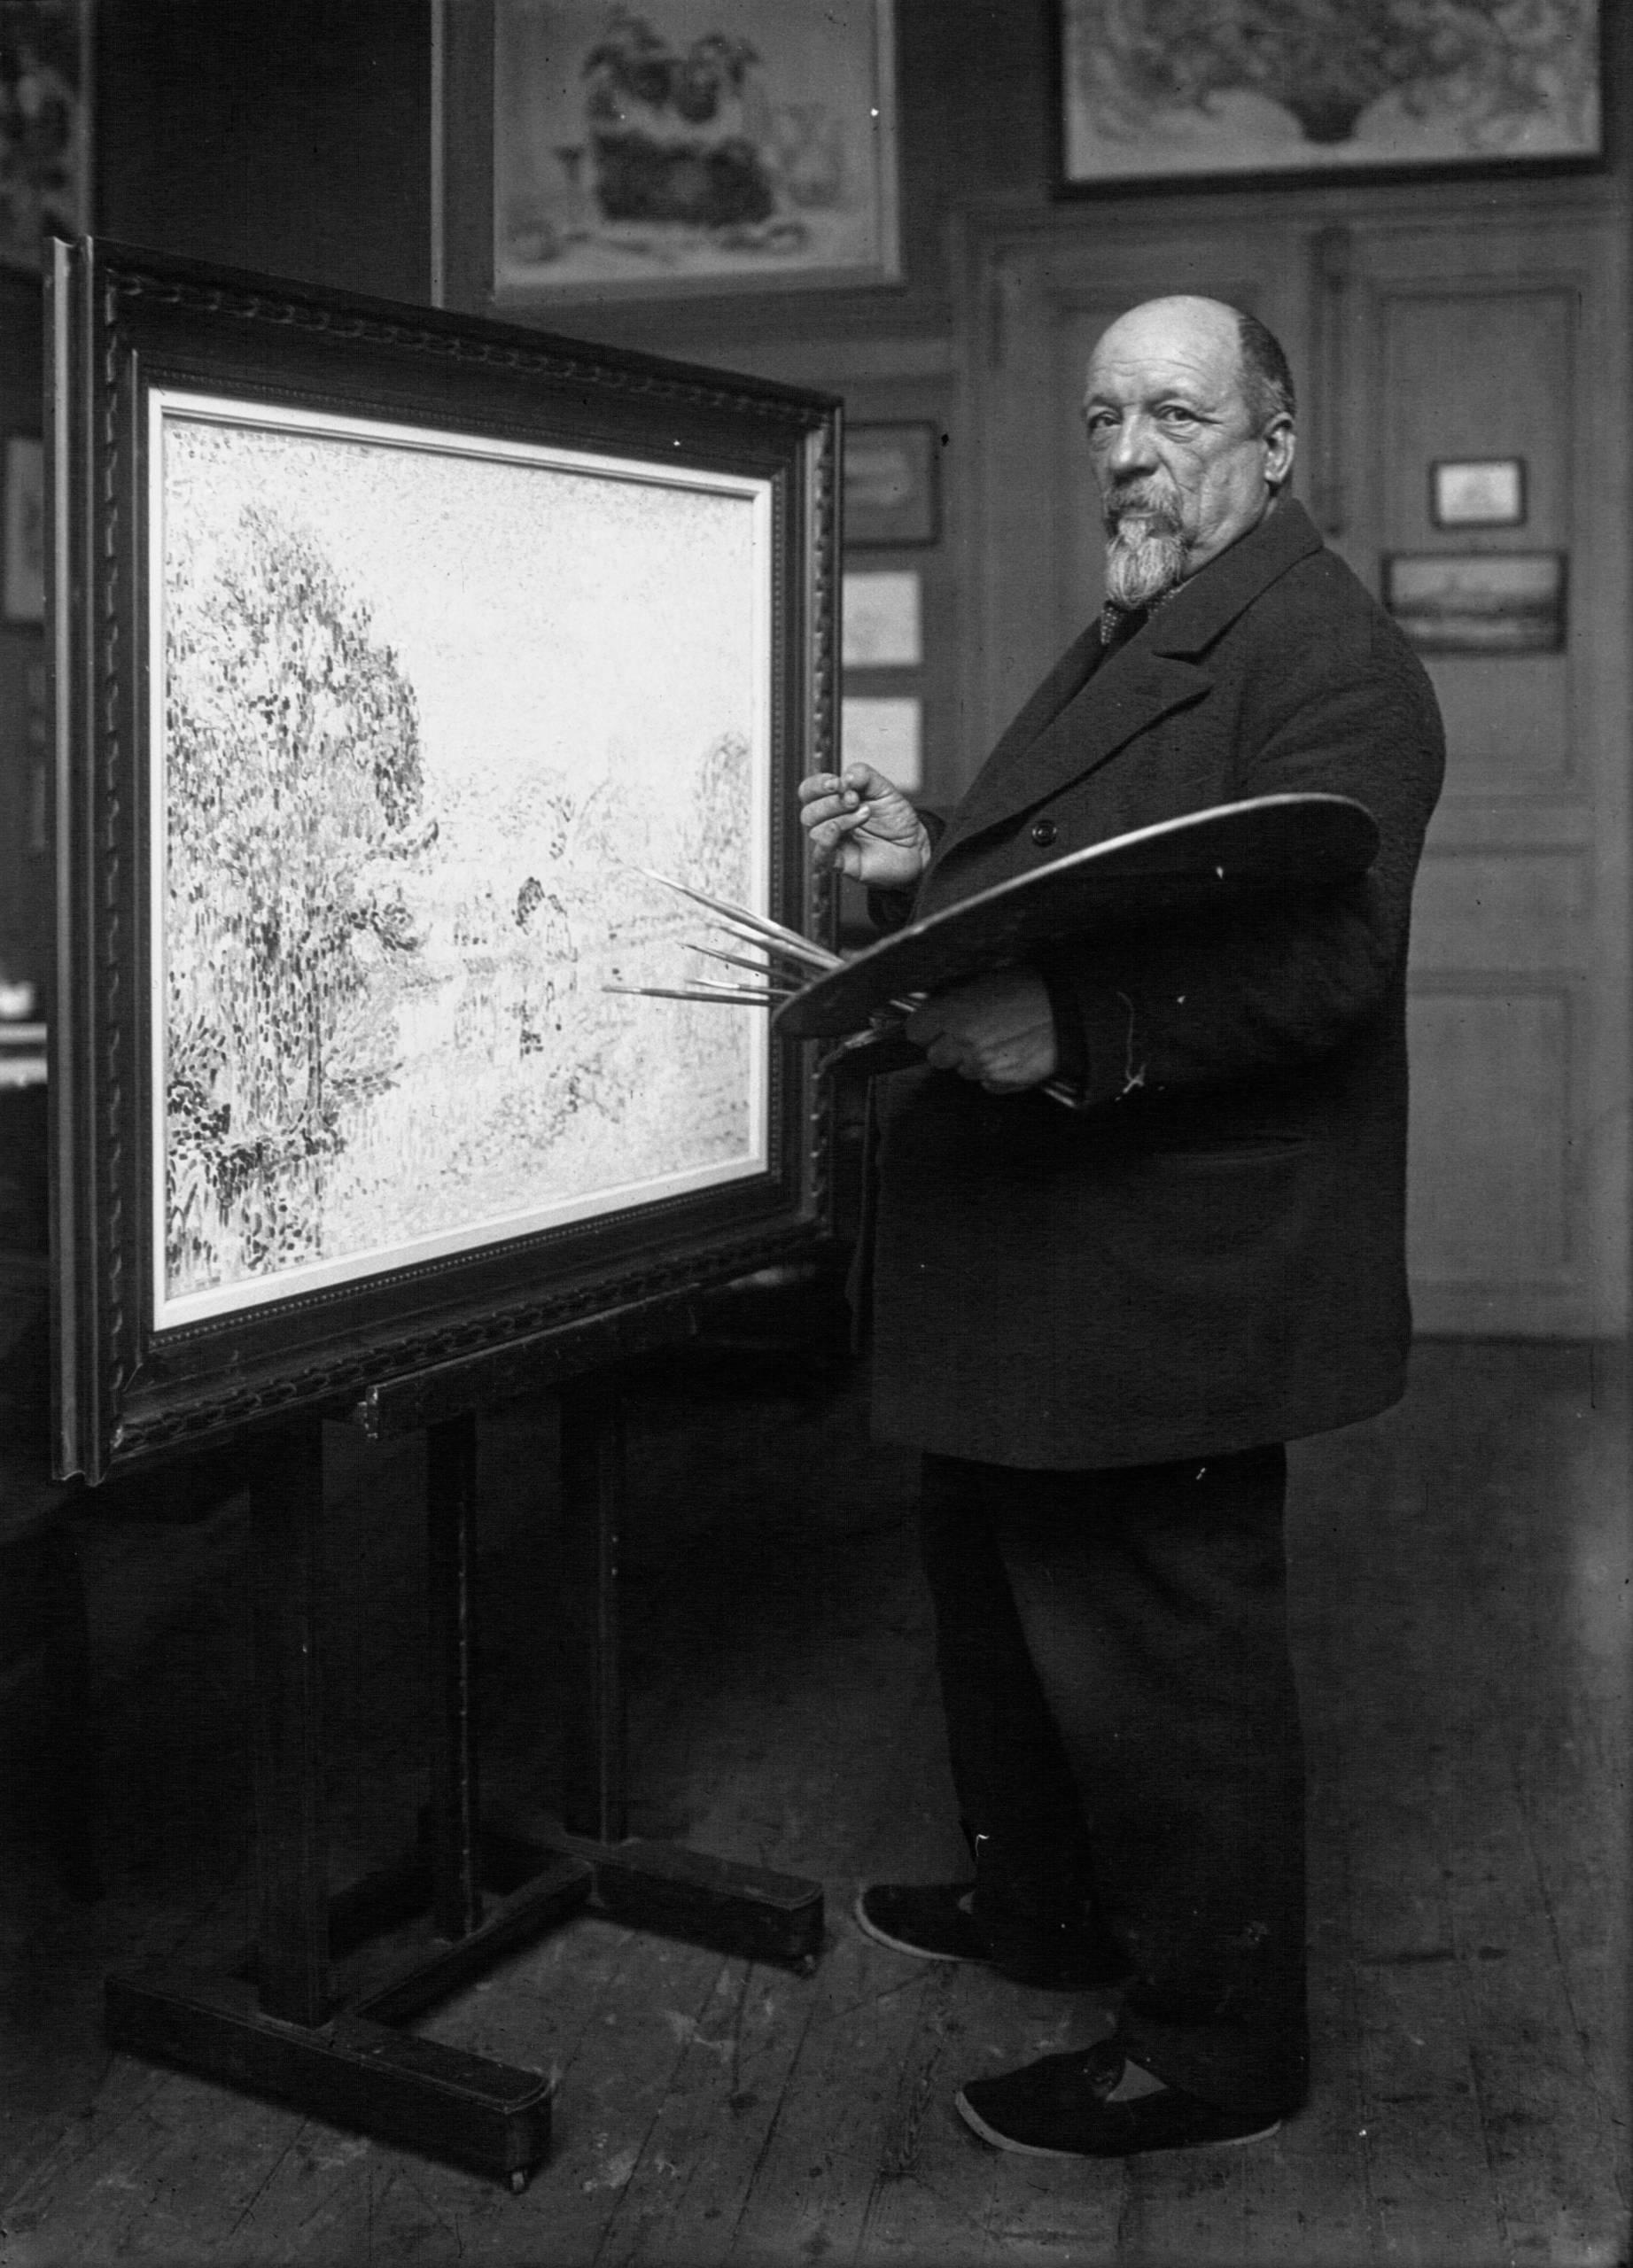 Agence de presse Meurisse. Agence photographique, Paul Signac, peintre près de son chevalet (1863-1935)